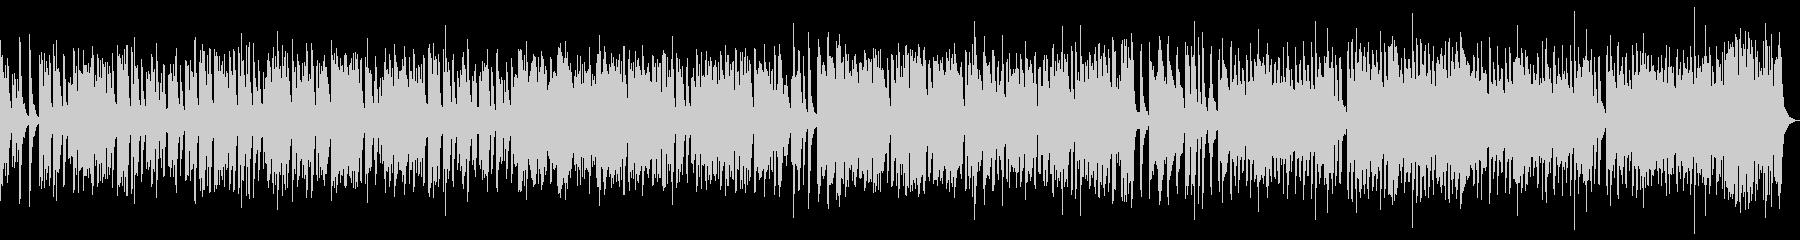 クッキング動画のBGMに最適3分の曲の未再生の波形